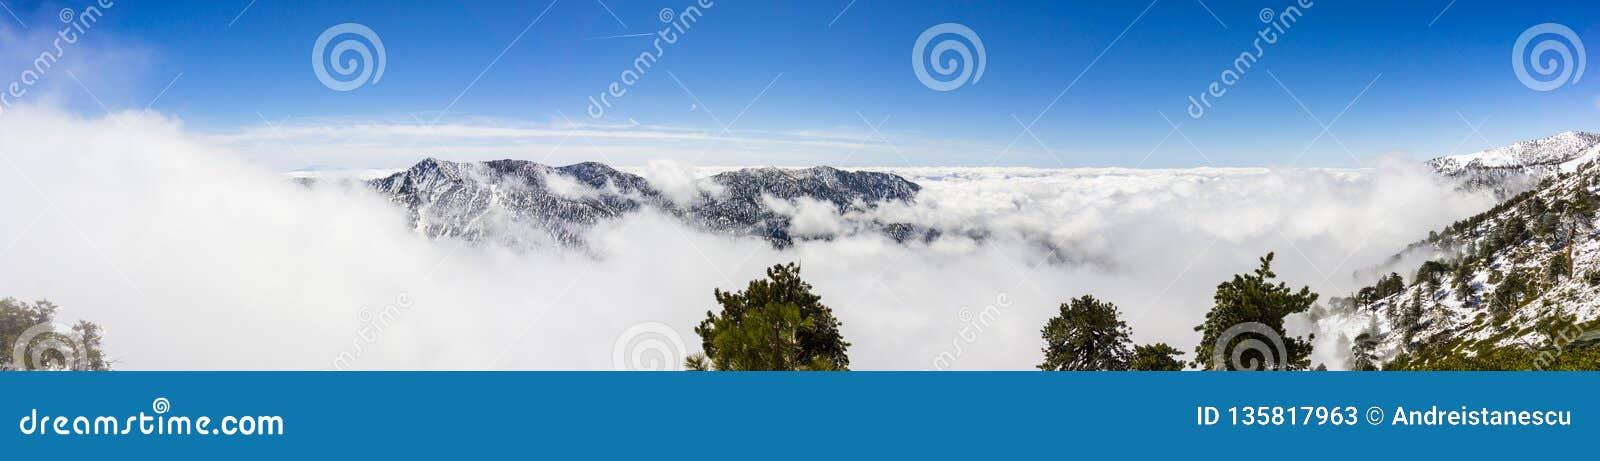 Jour d hiver ensoleillé avec la neige tombée et une mer des nuages blancs sur la traînée à Mt San Antonio (Mt Baldy), le comté de